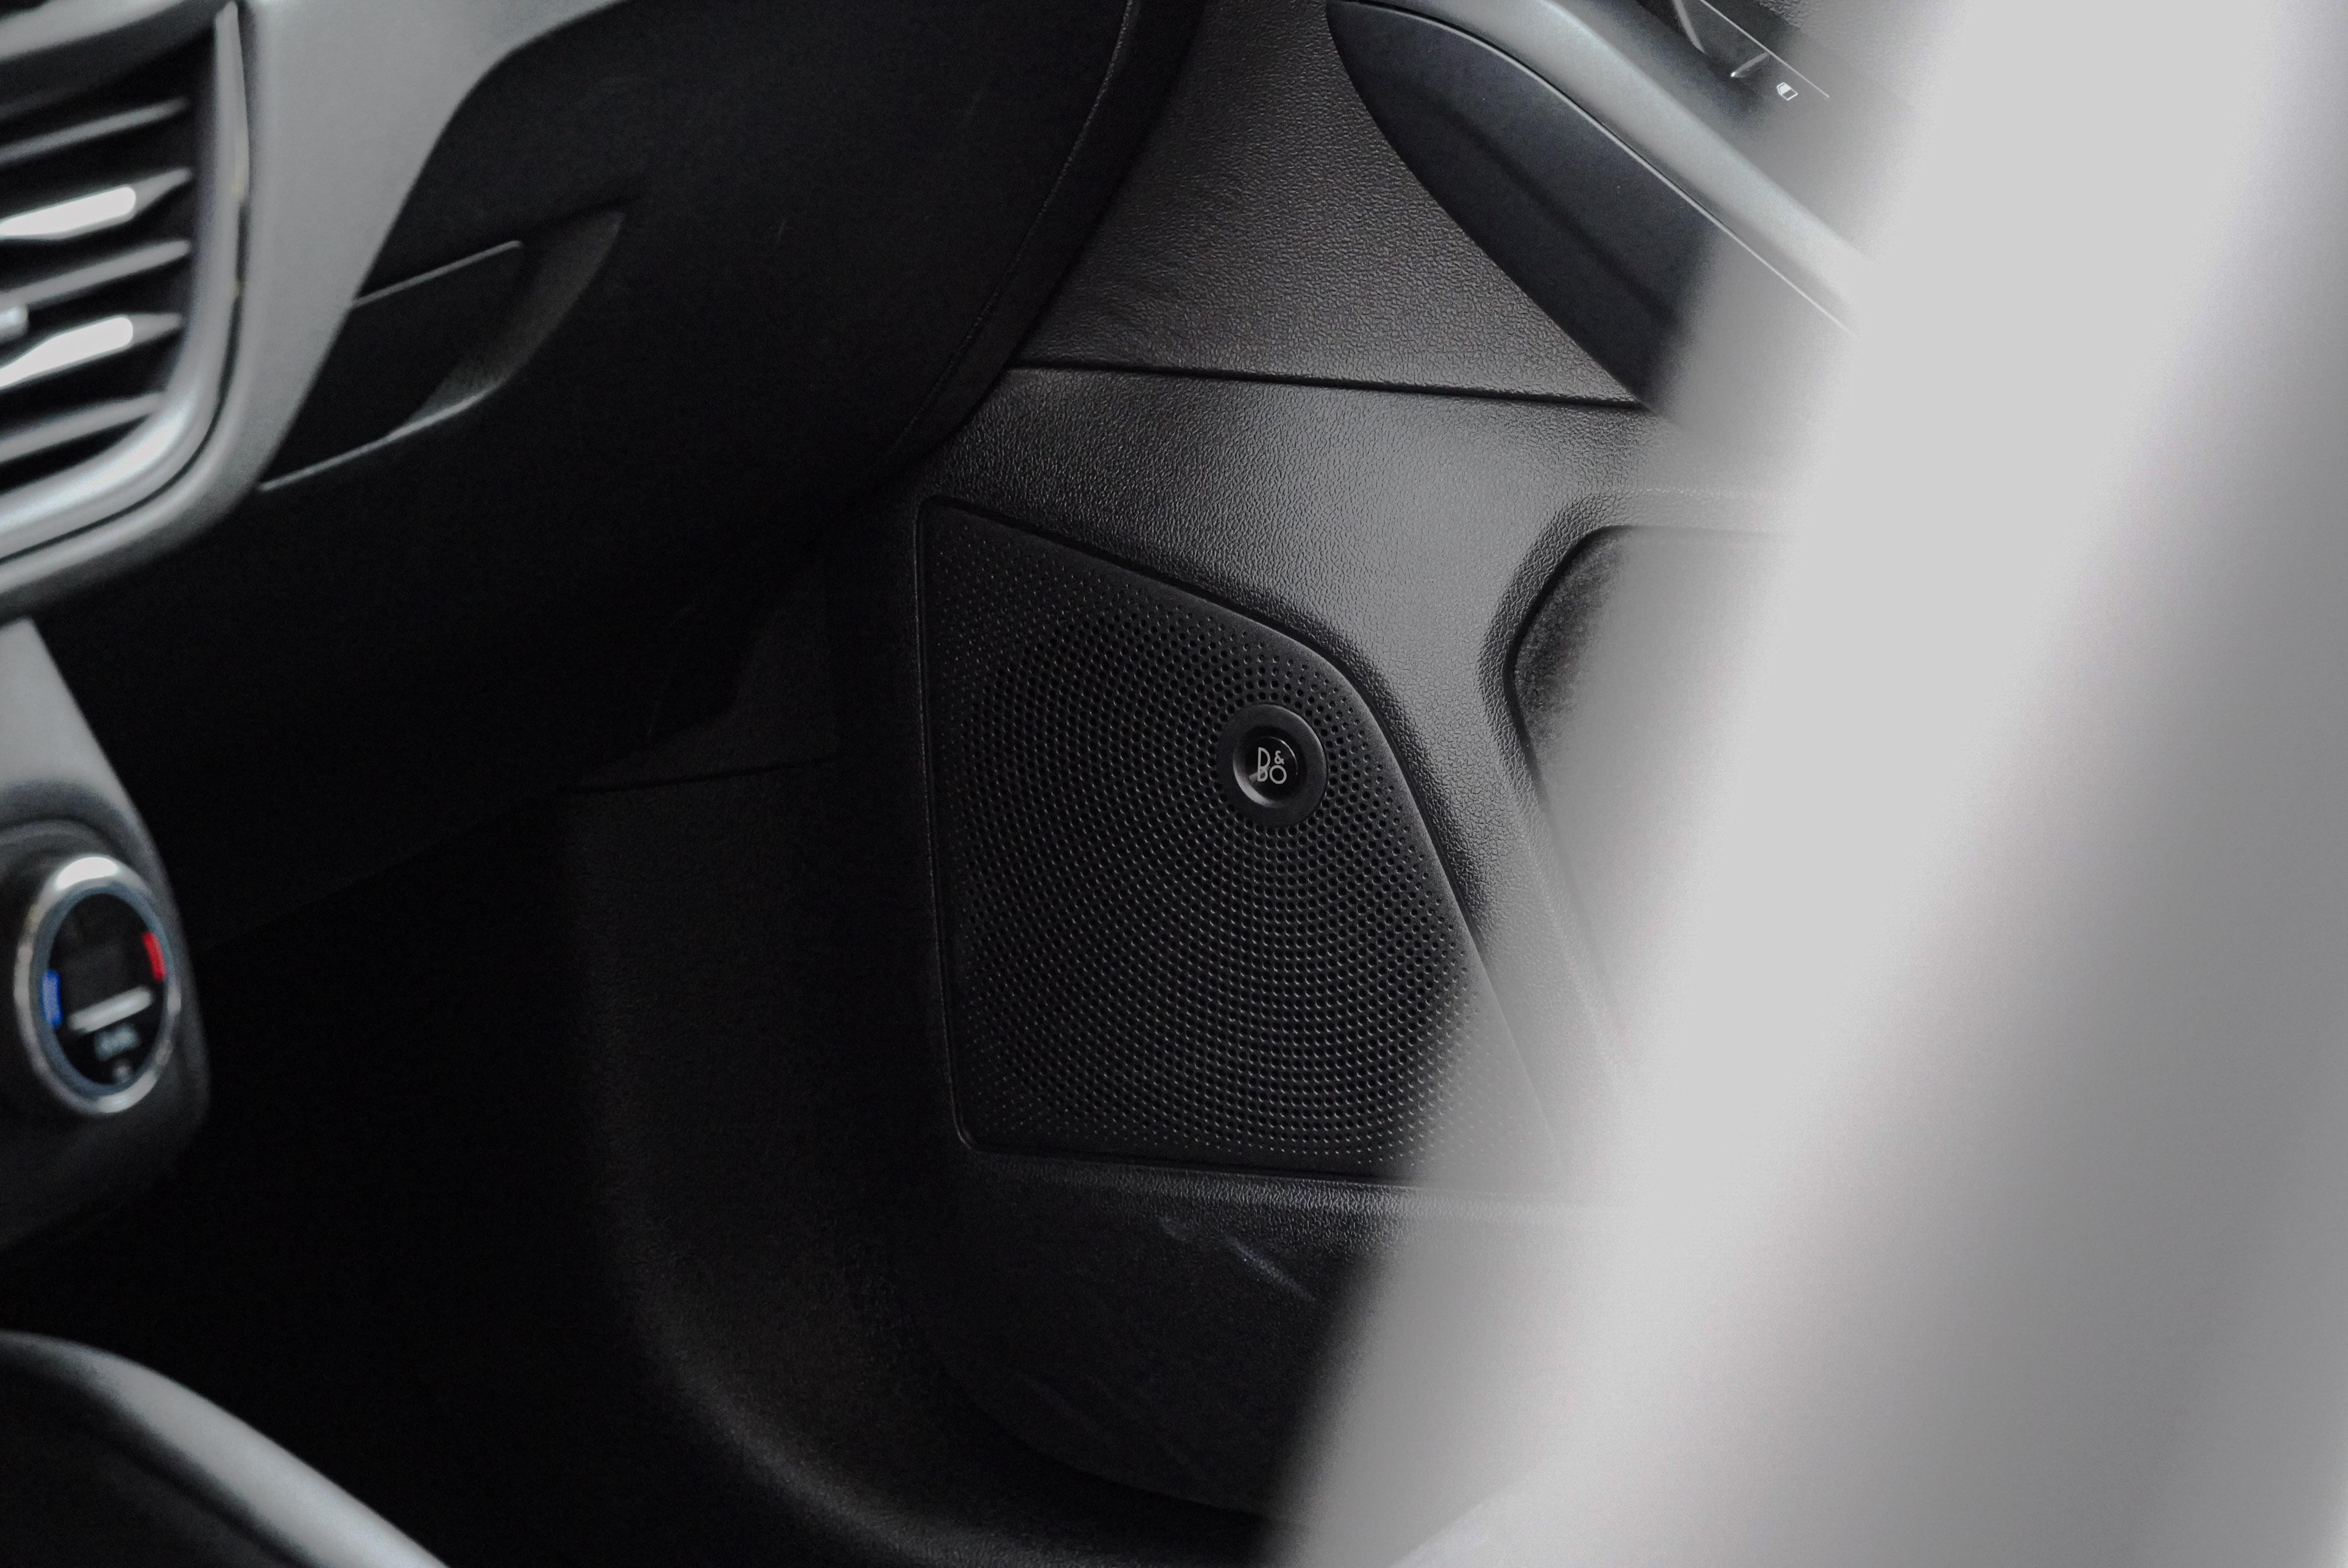 ST-Line、Lommel 同樣標配 9 支揚聲器、1 支重低音的 B&O 重低音環艙音響系統(675W 輸出)。